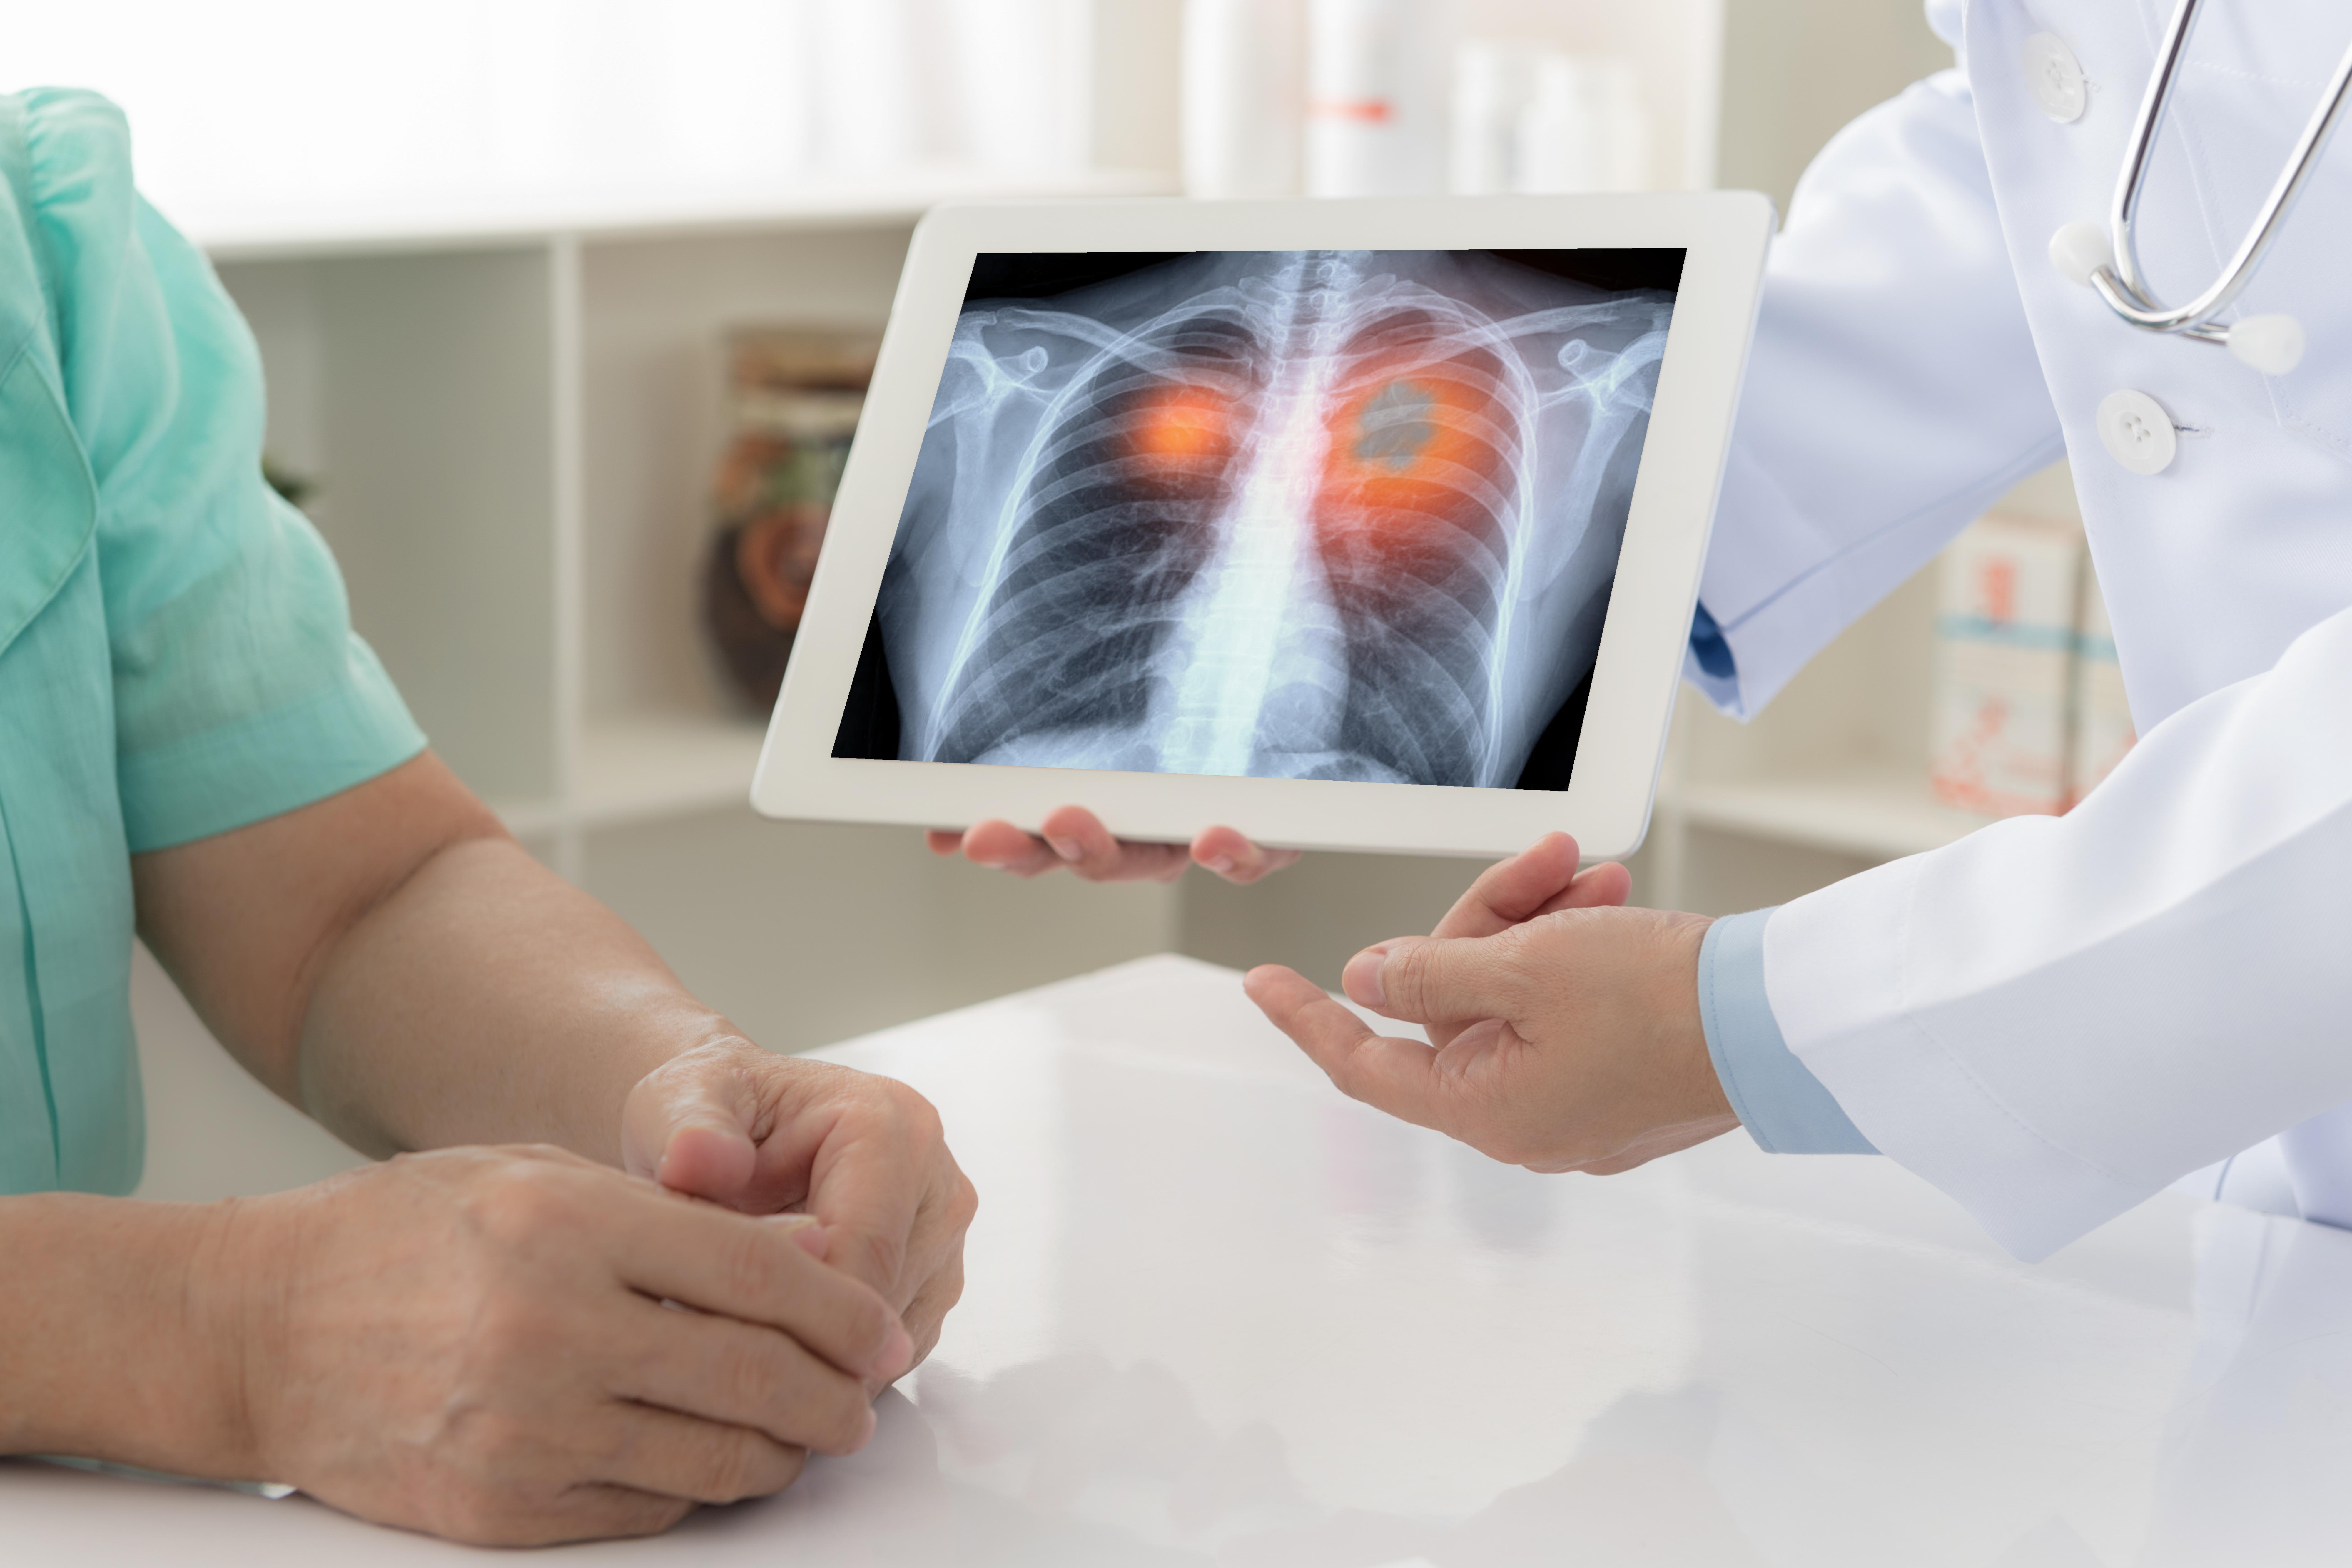 Ozymertynib powinien być standardem w leczeniu pierwszej linii pacjentów z niedrobnokomórkowym rakiem płuca z mutacją w genie EGFR (fot. Shutterstock).